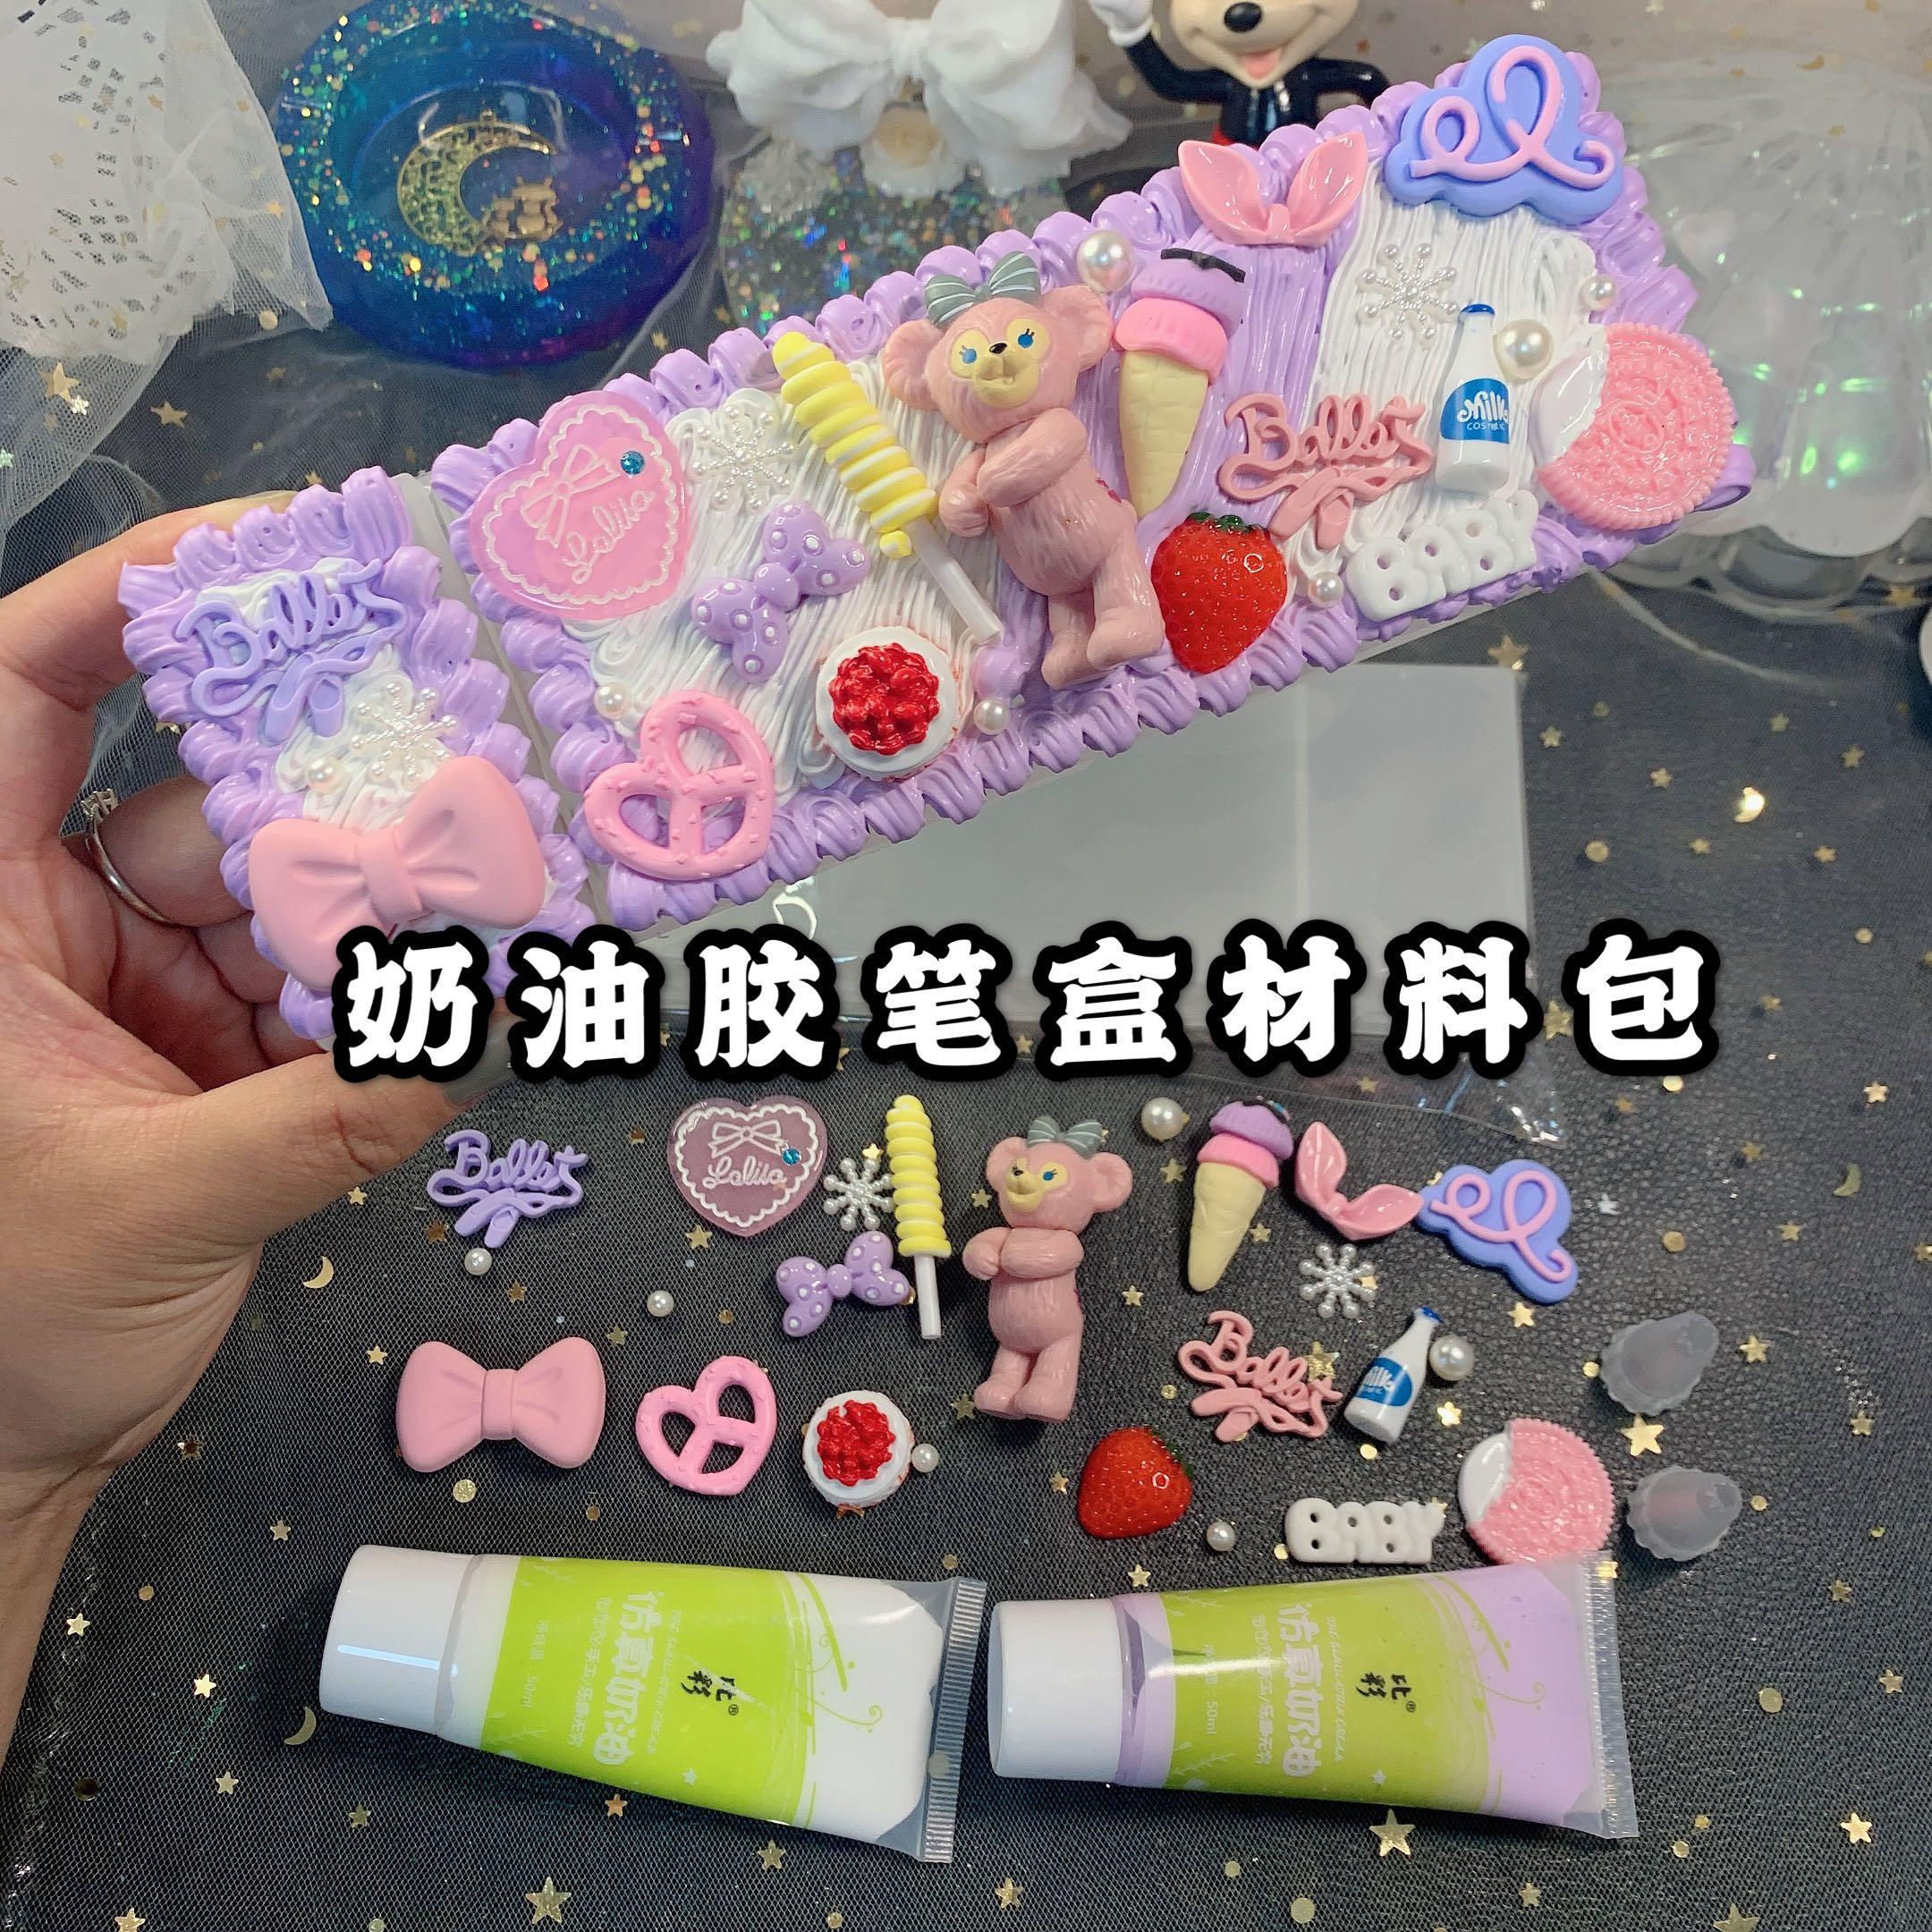 紫色糖果包 雪莉枚 粉紫色奶油胶 糖果色小熊笔盒材料包 diy手工文具盒_推荐淘宝好看的紫色糖果包